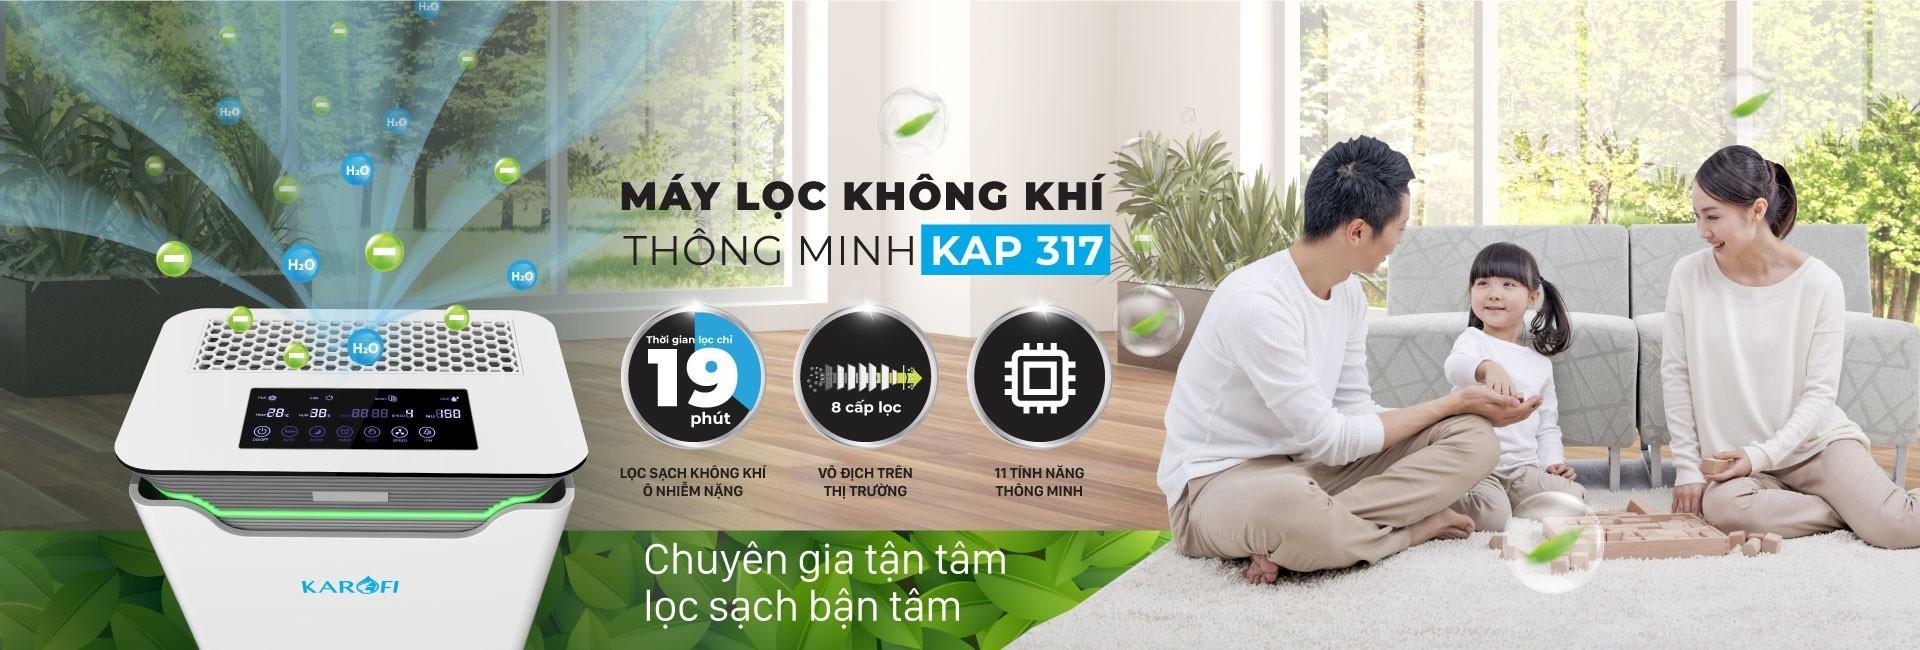 may-loc-khong-khi-317-banner